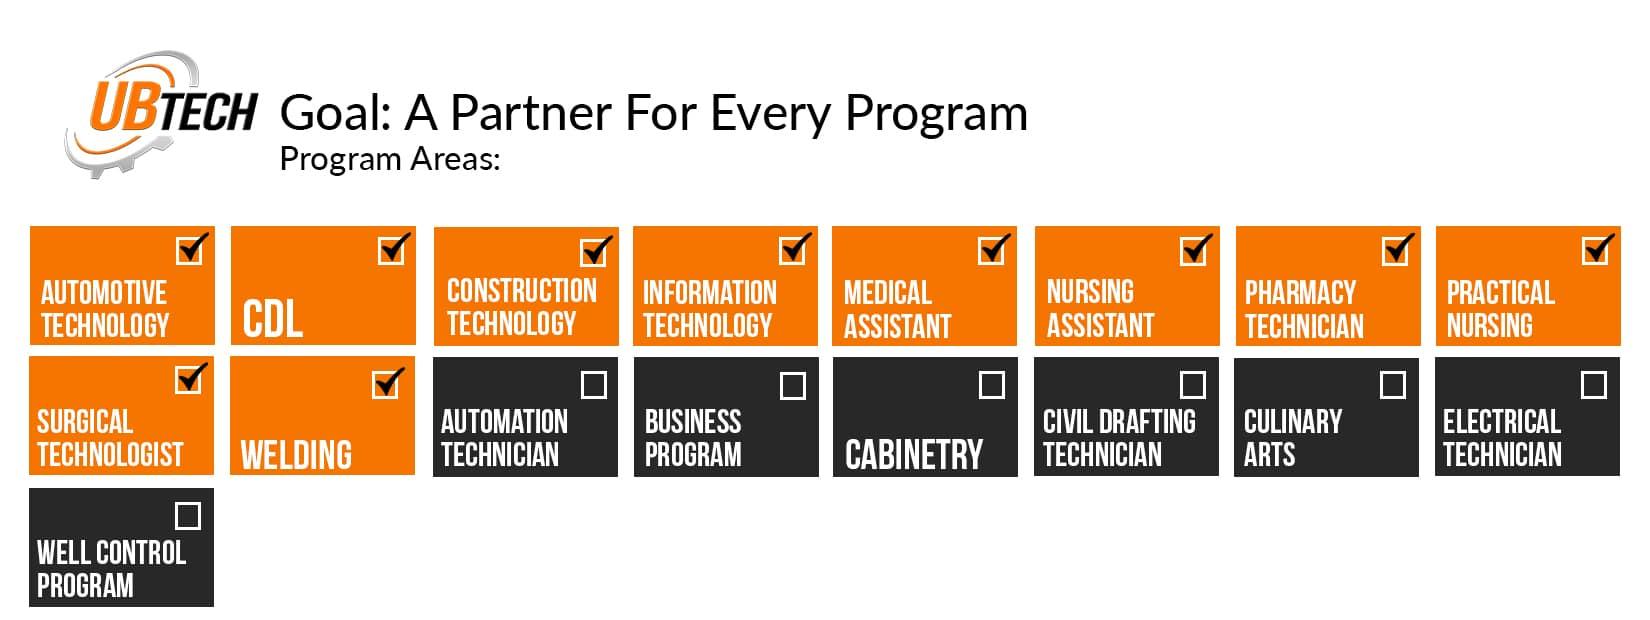 Goal: A partner for every program